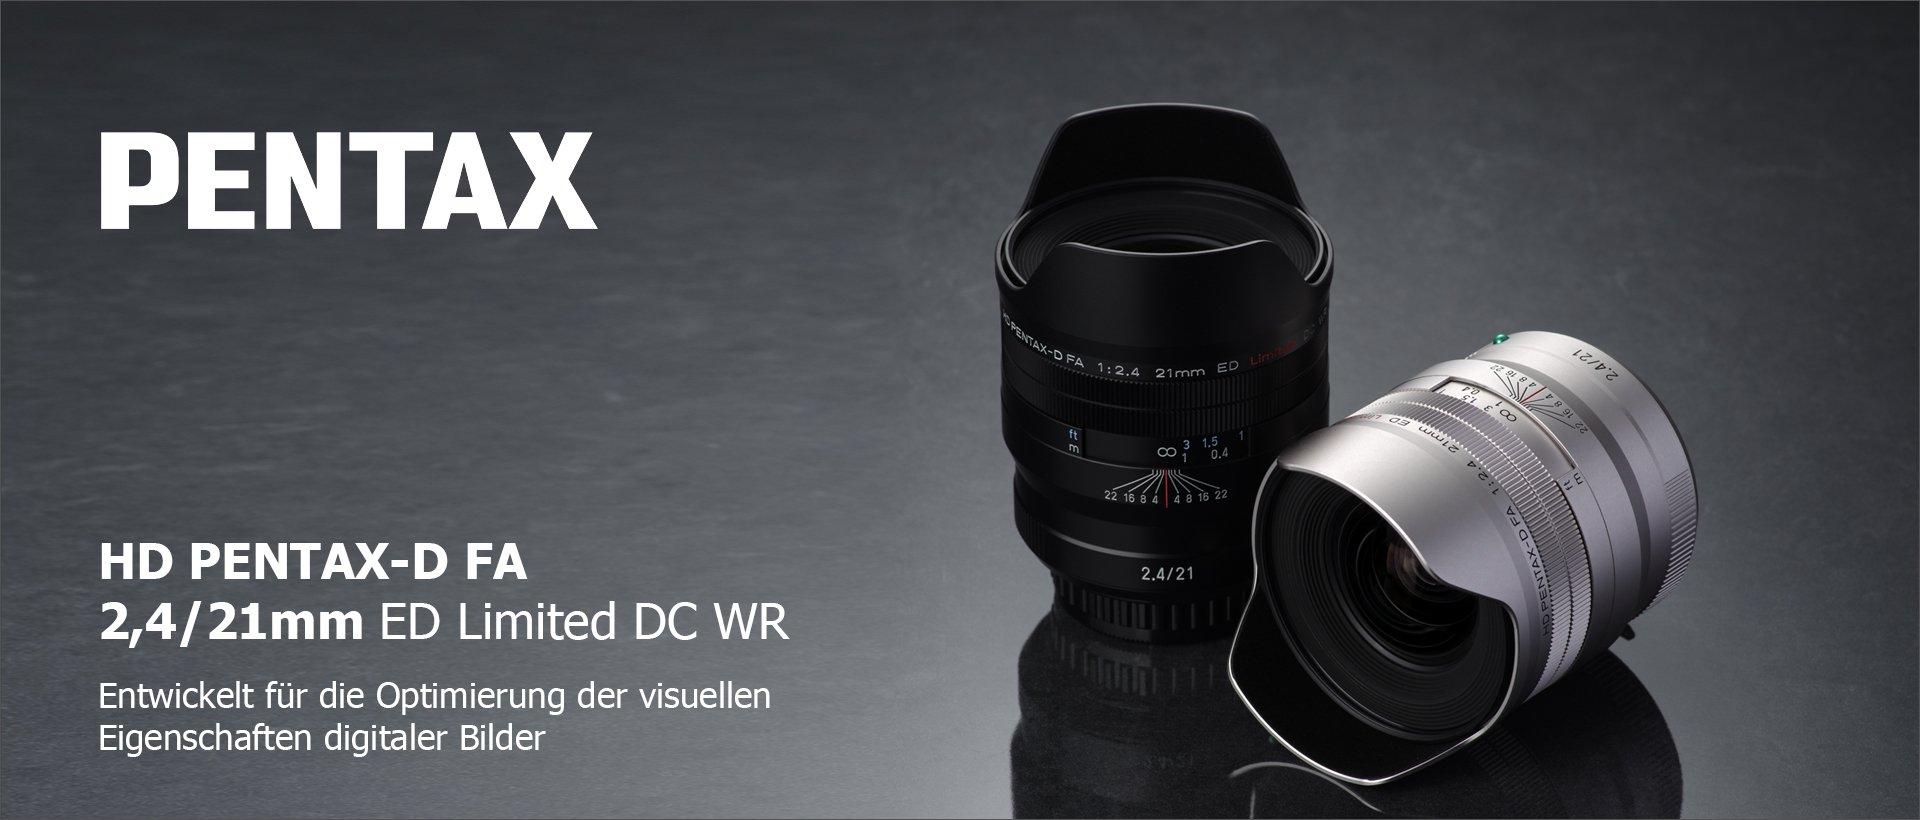 HD PENTAX-D FA 2,4/21mm ED Limited DC WR